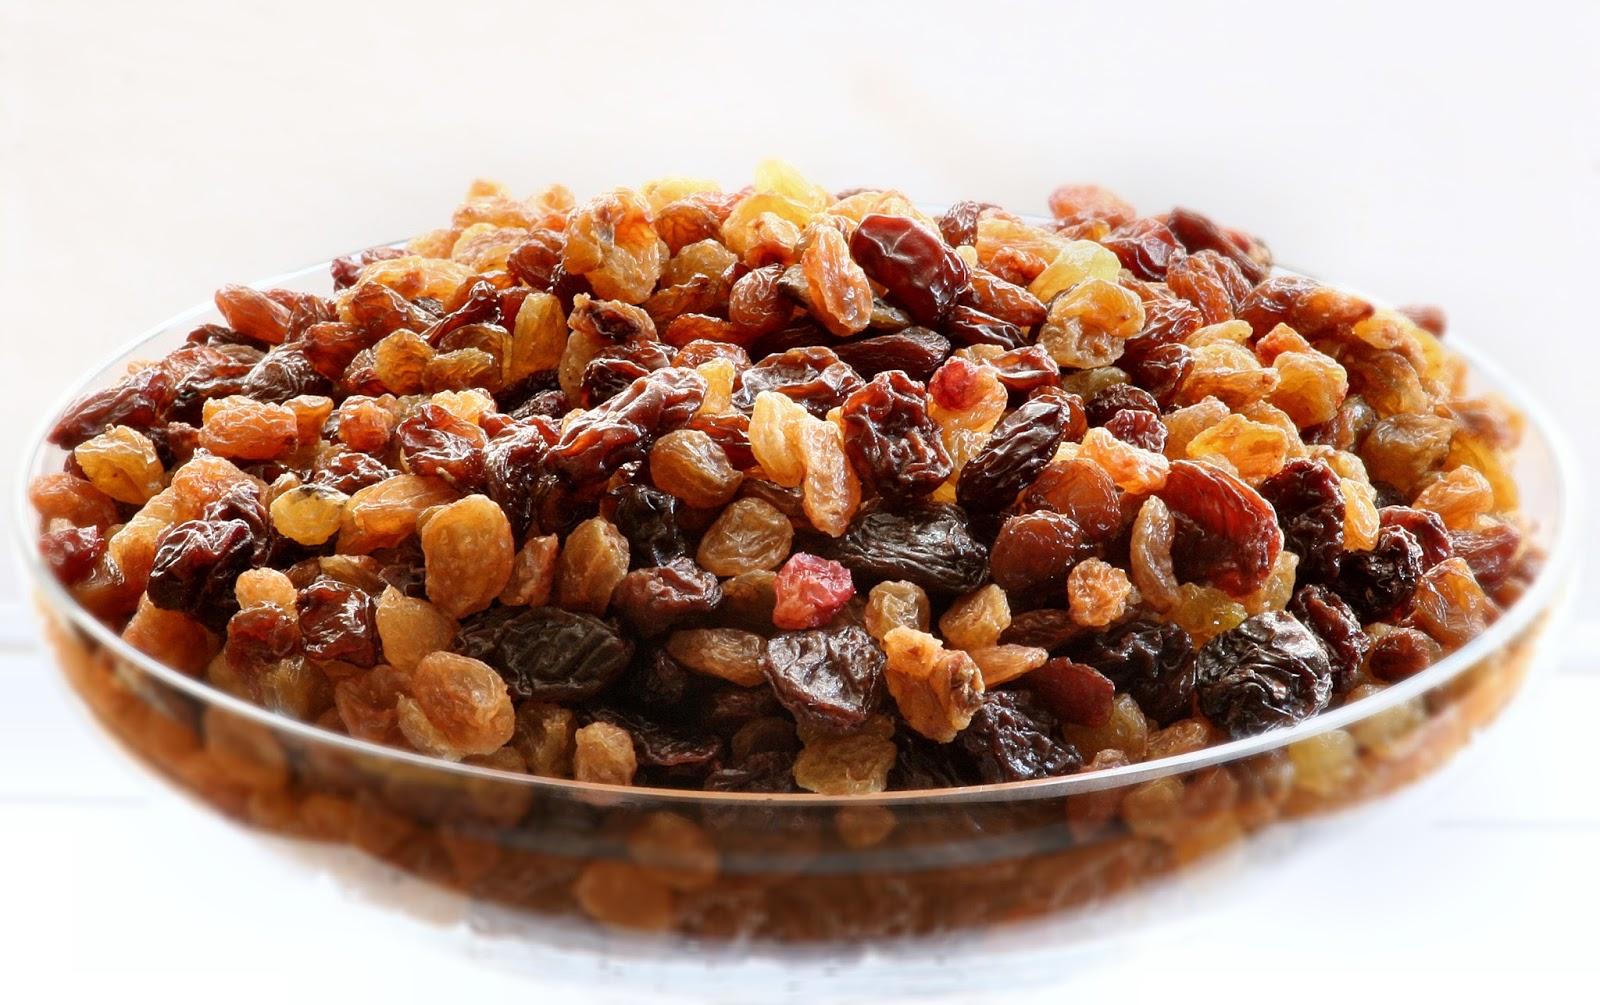 Farklı çeşitlerdeki üzümlerde kaç kalori var